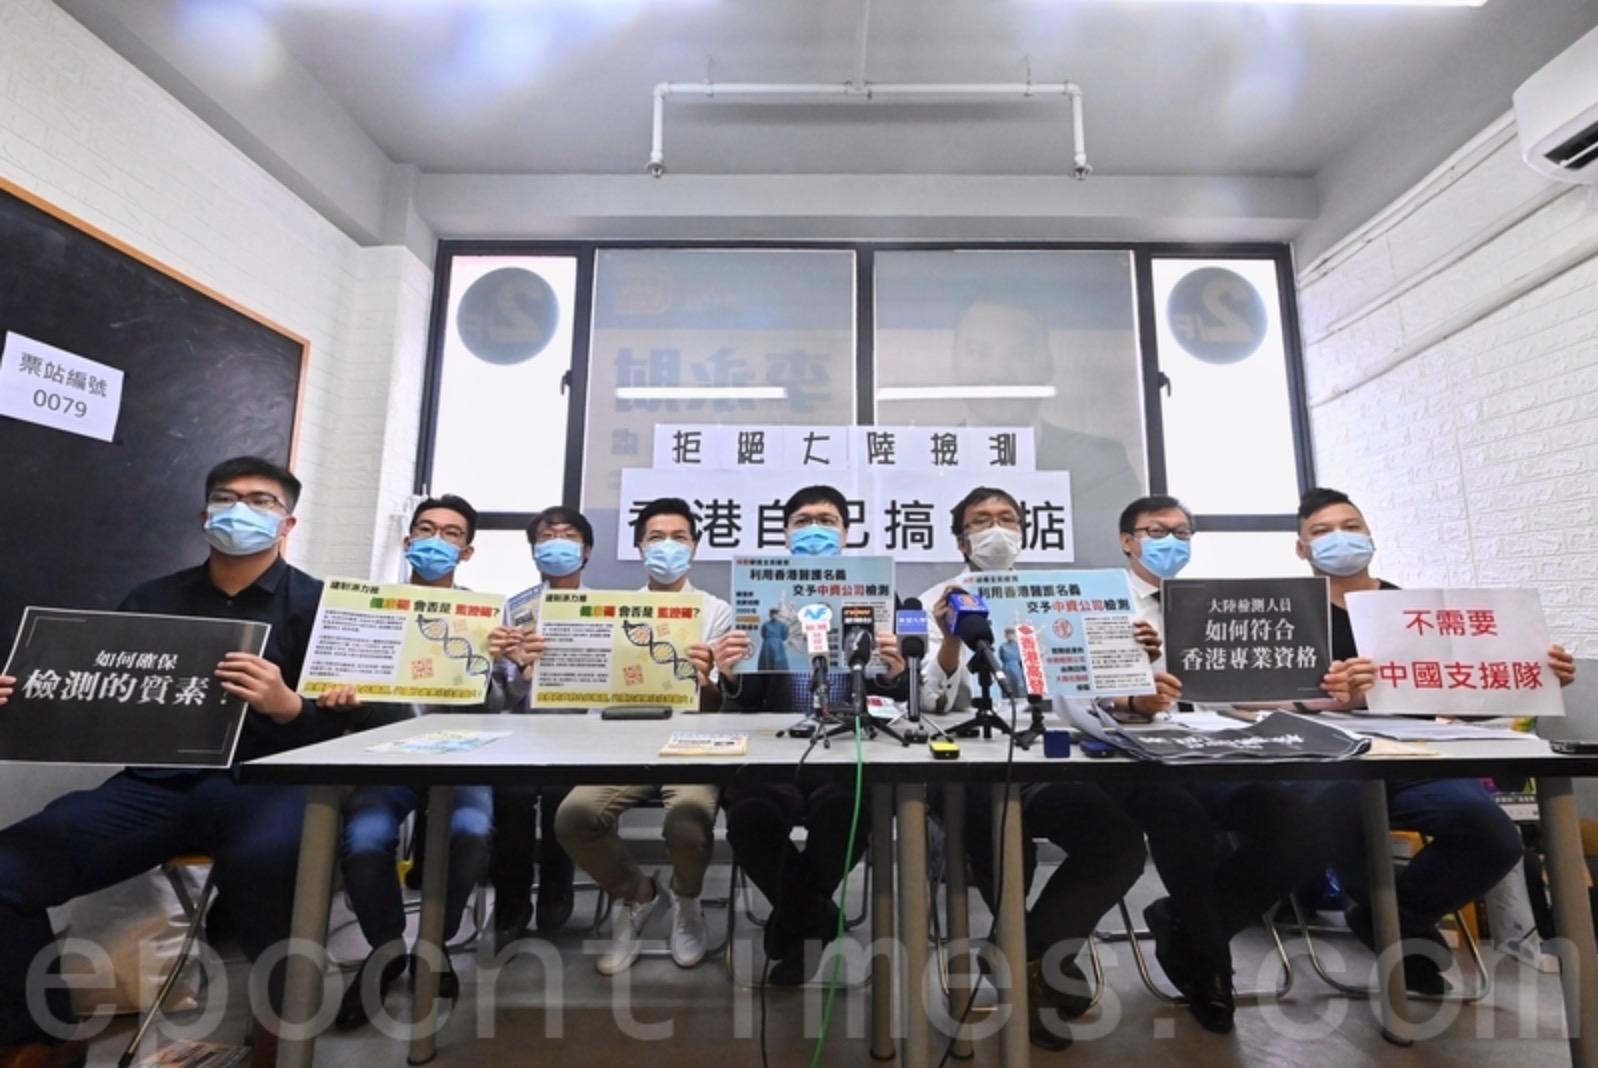 一批民主派議員認為林鄭月娥硬推全民檢測係「政治工程」,也即「利用香港醫護名義交予中資公司檢測」。(宋碧龍/大紀元)